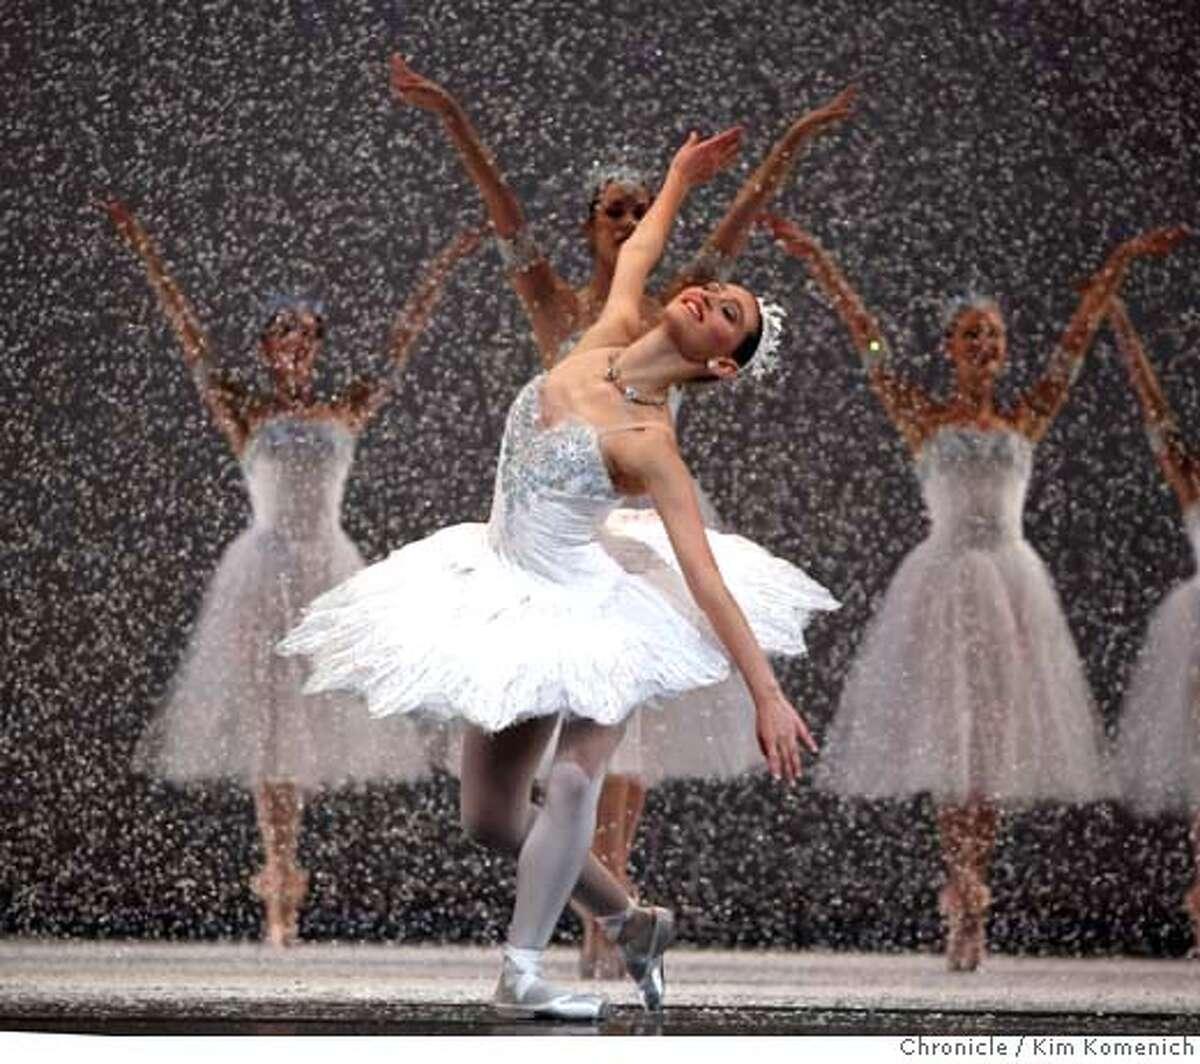 SFNUT_090_KK.JPG Sarah Van Patten is the Queen of the Snow in the San Francsico Ballet's